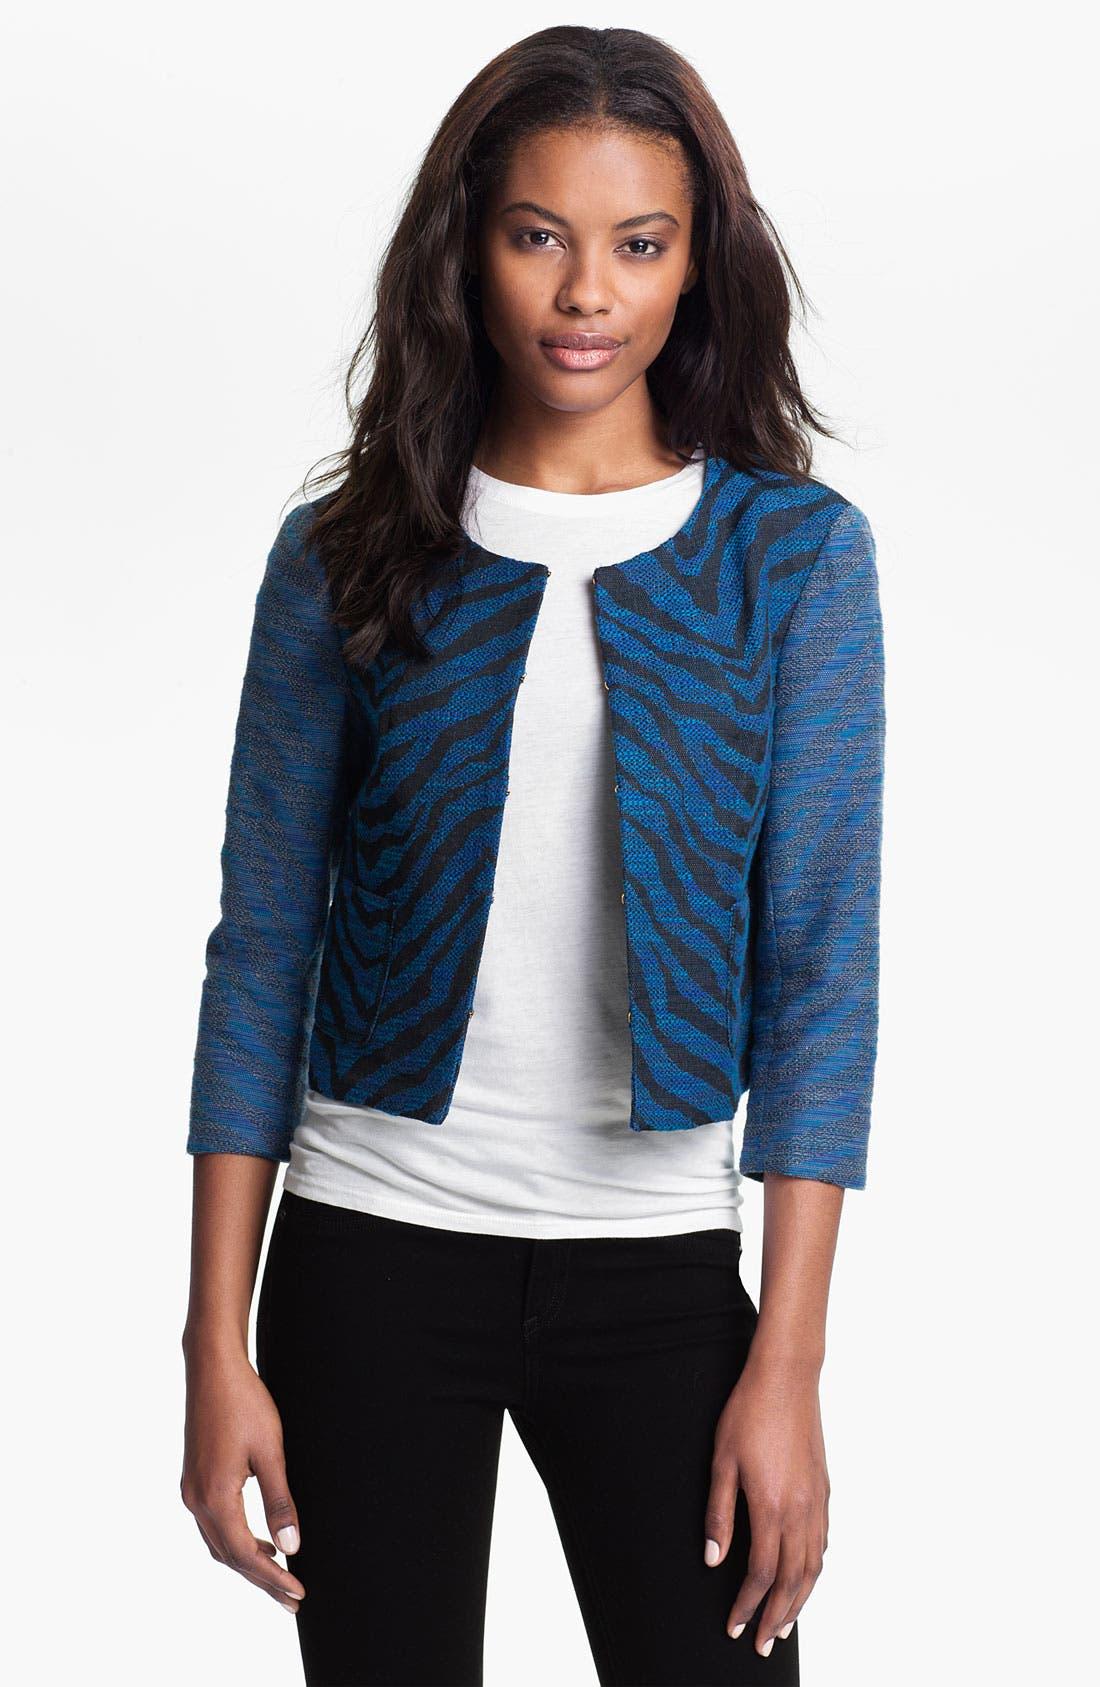 Main Image - Gryphon Zebra Jacquard Jacket